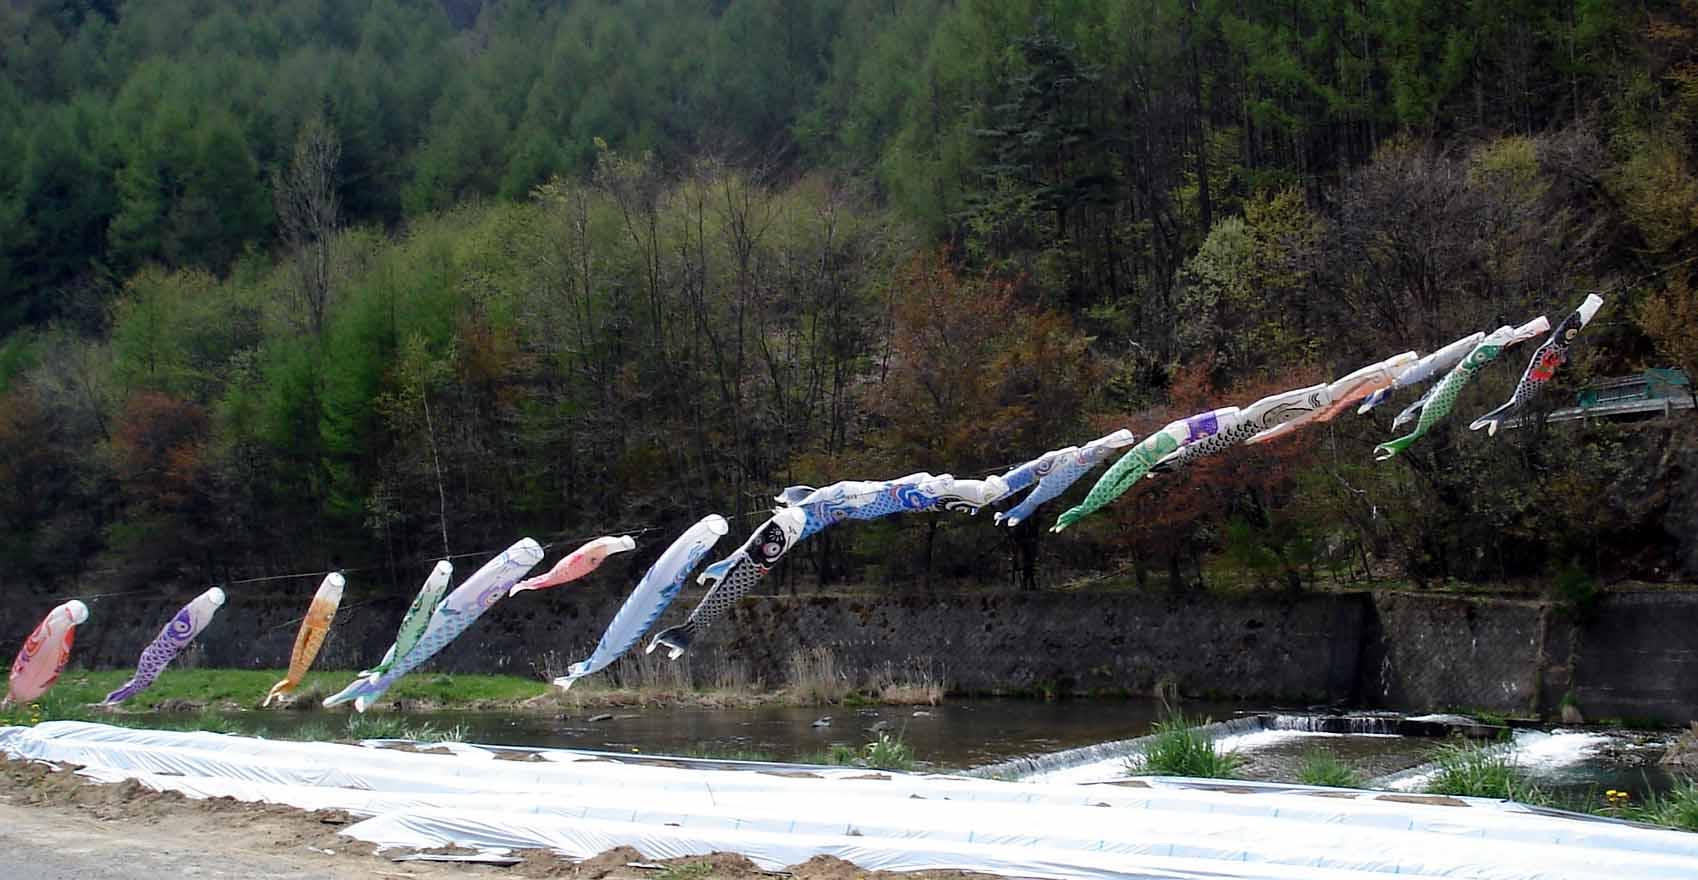 千曲川を泳ぐ鯉のぼり